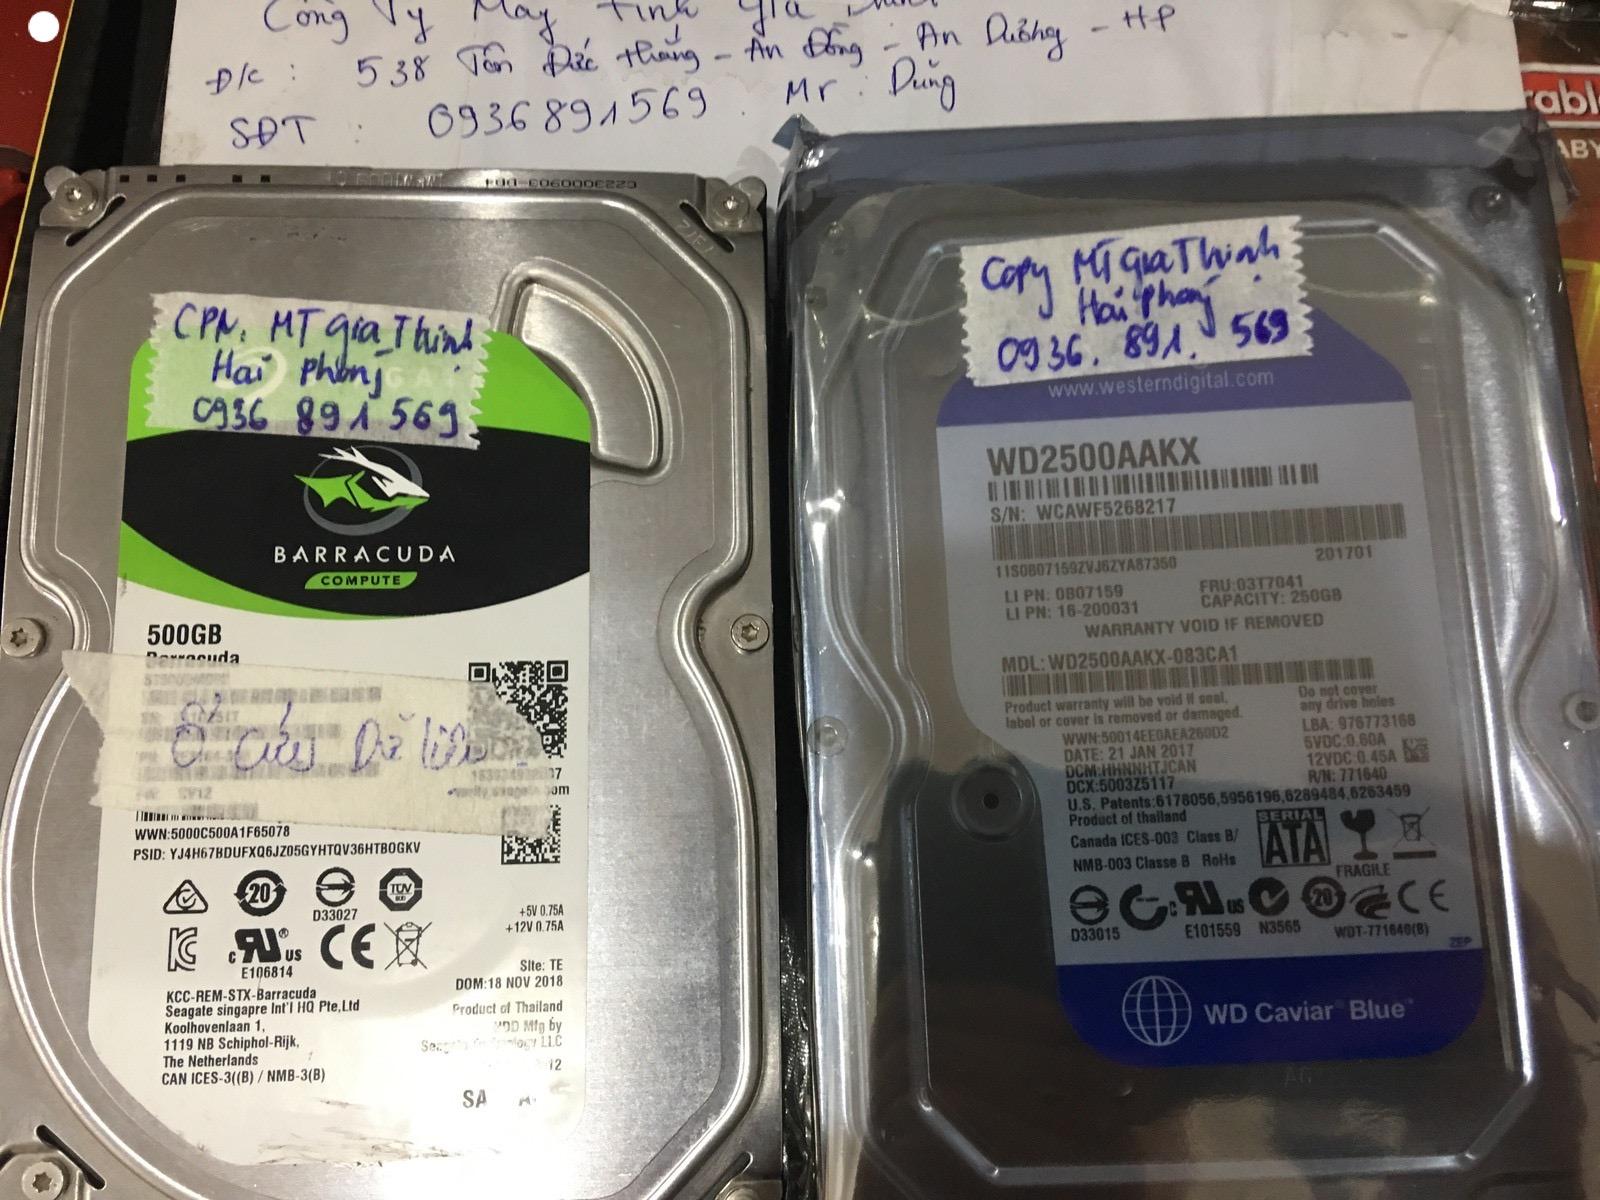 Cứu dữ liệu ổ cứng Seagate 500GB bad tại Hải Phòng 15/05/2020 - cuumaytinh